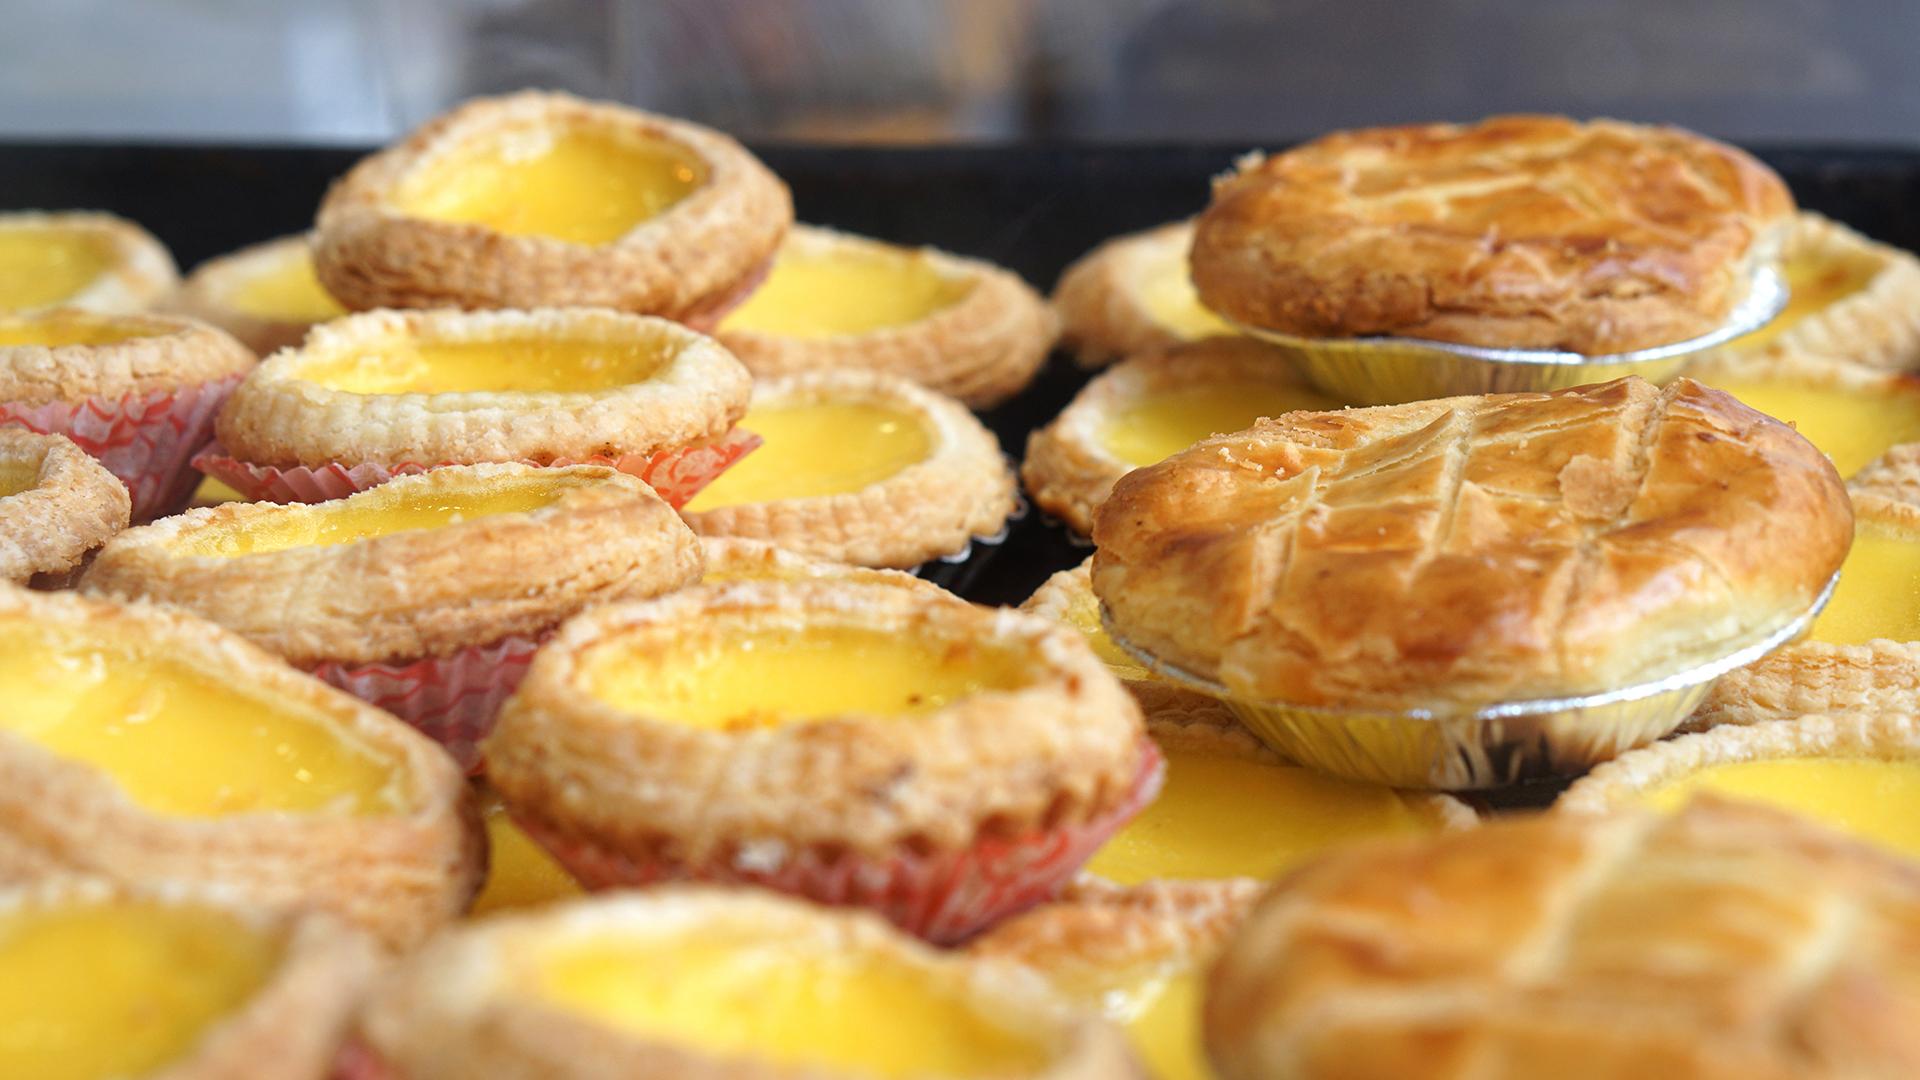 Los pasteles de Belén son una de las especialidades más características de la cocina portuguesa